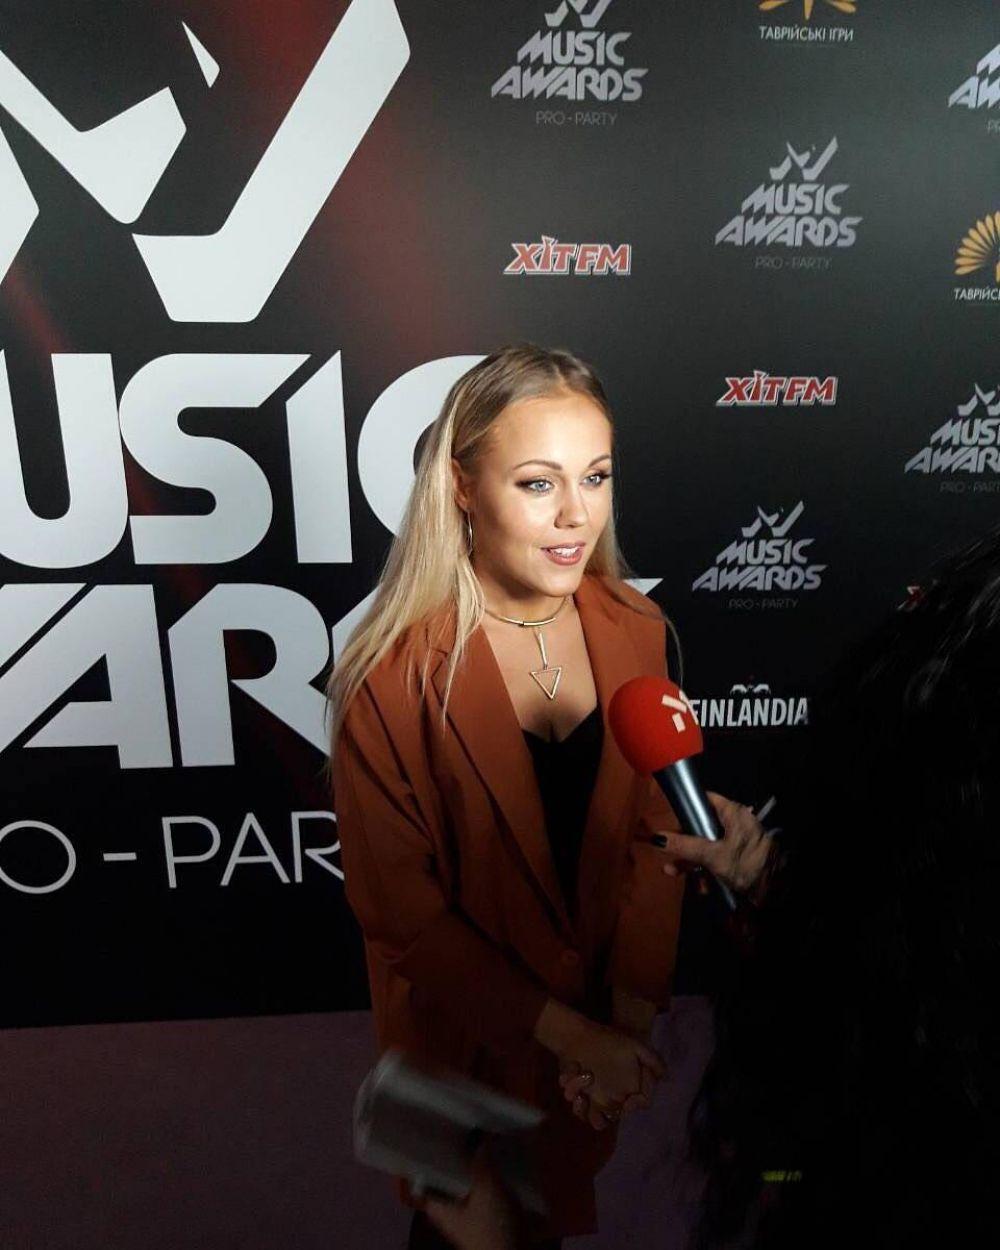 Певица Аlyosha посетила #m1musicawards